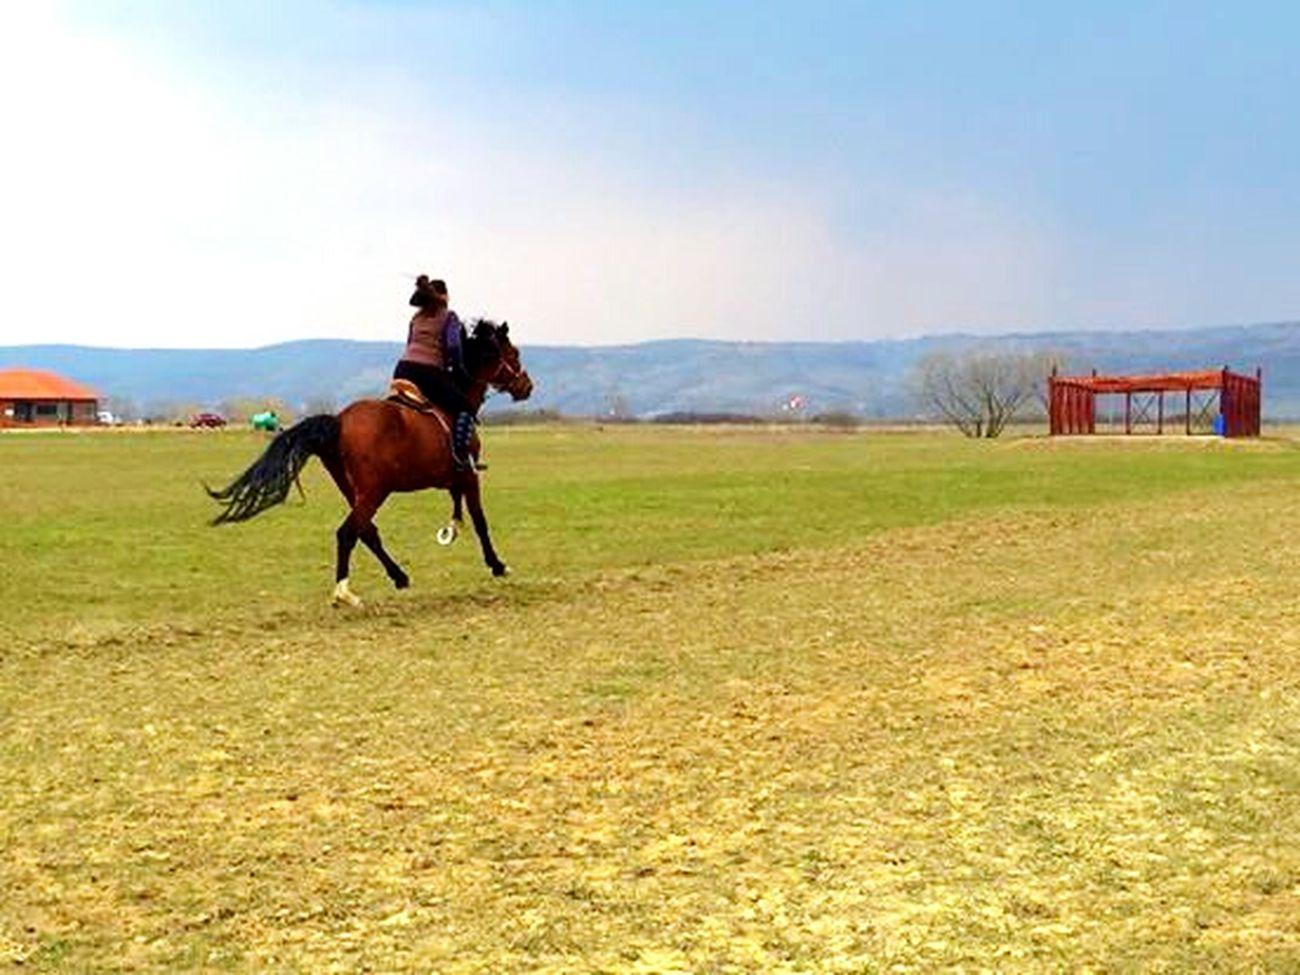 Equestrian Horsebackriding  Holstein Galopp Loveitt Rider